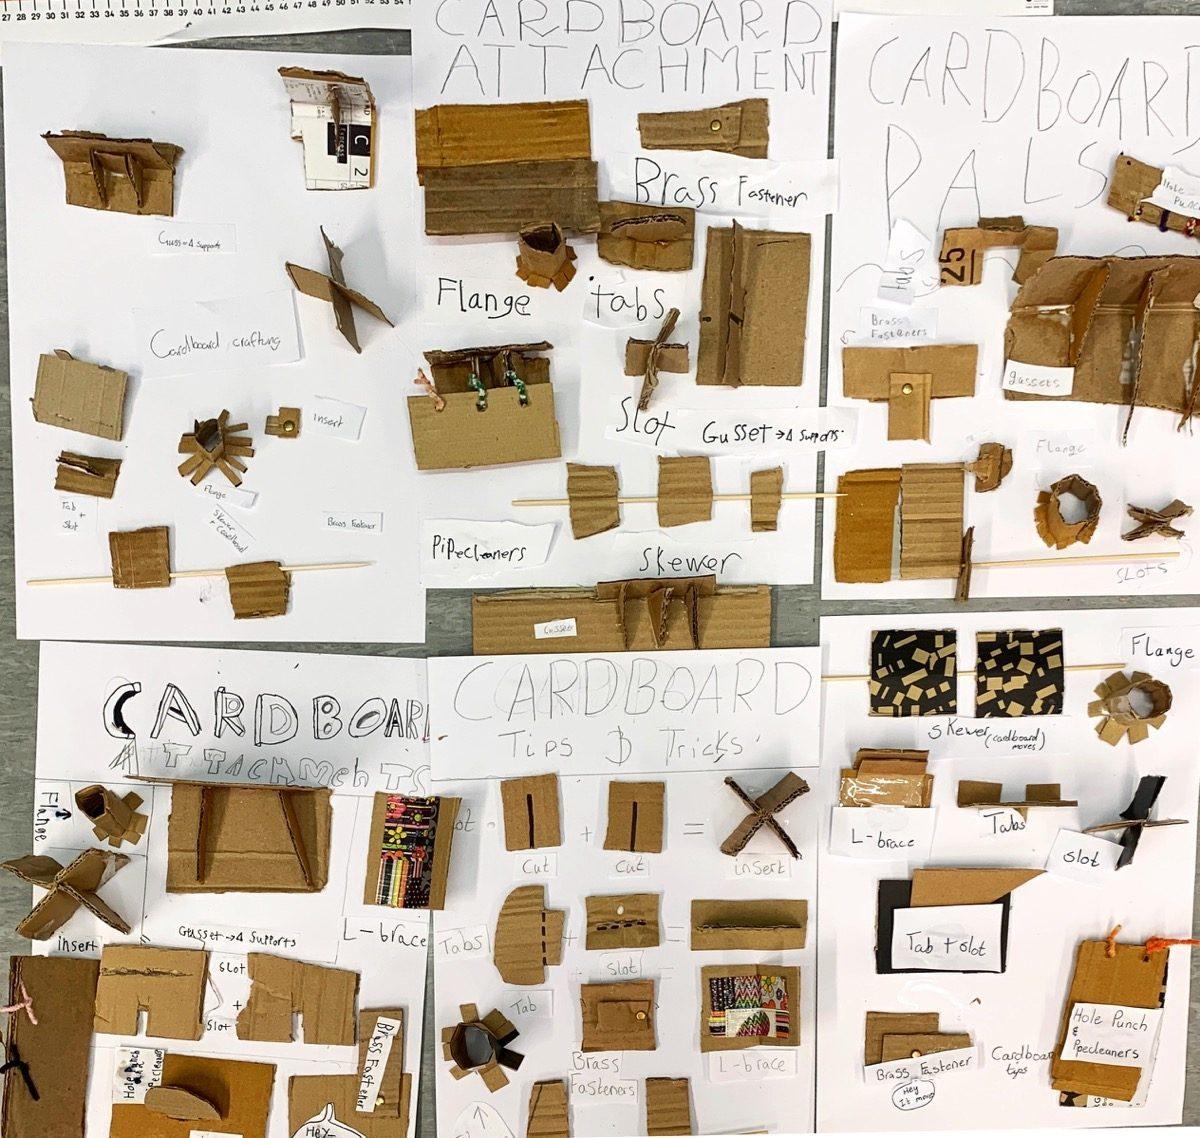 Cardboard Engineers